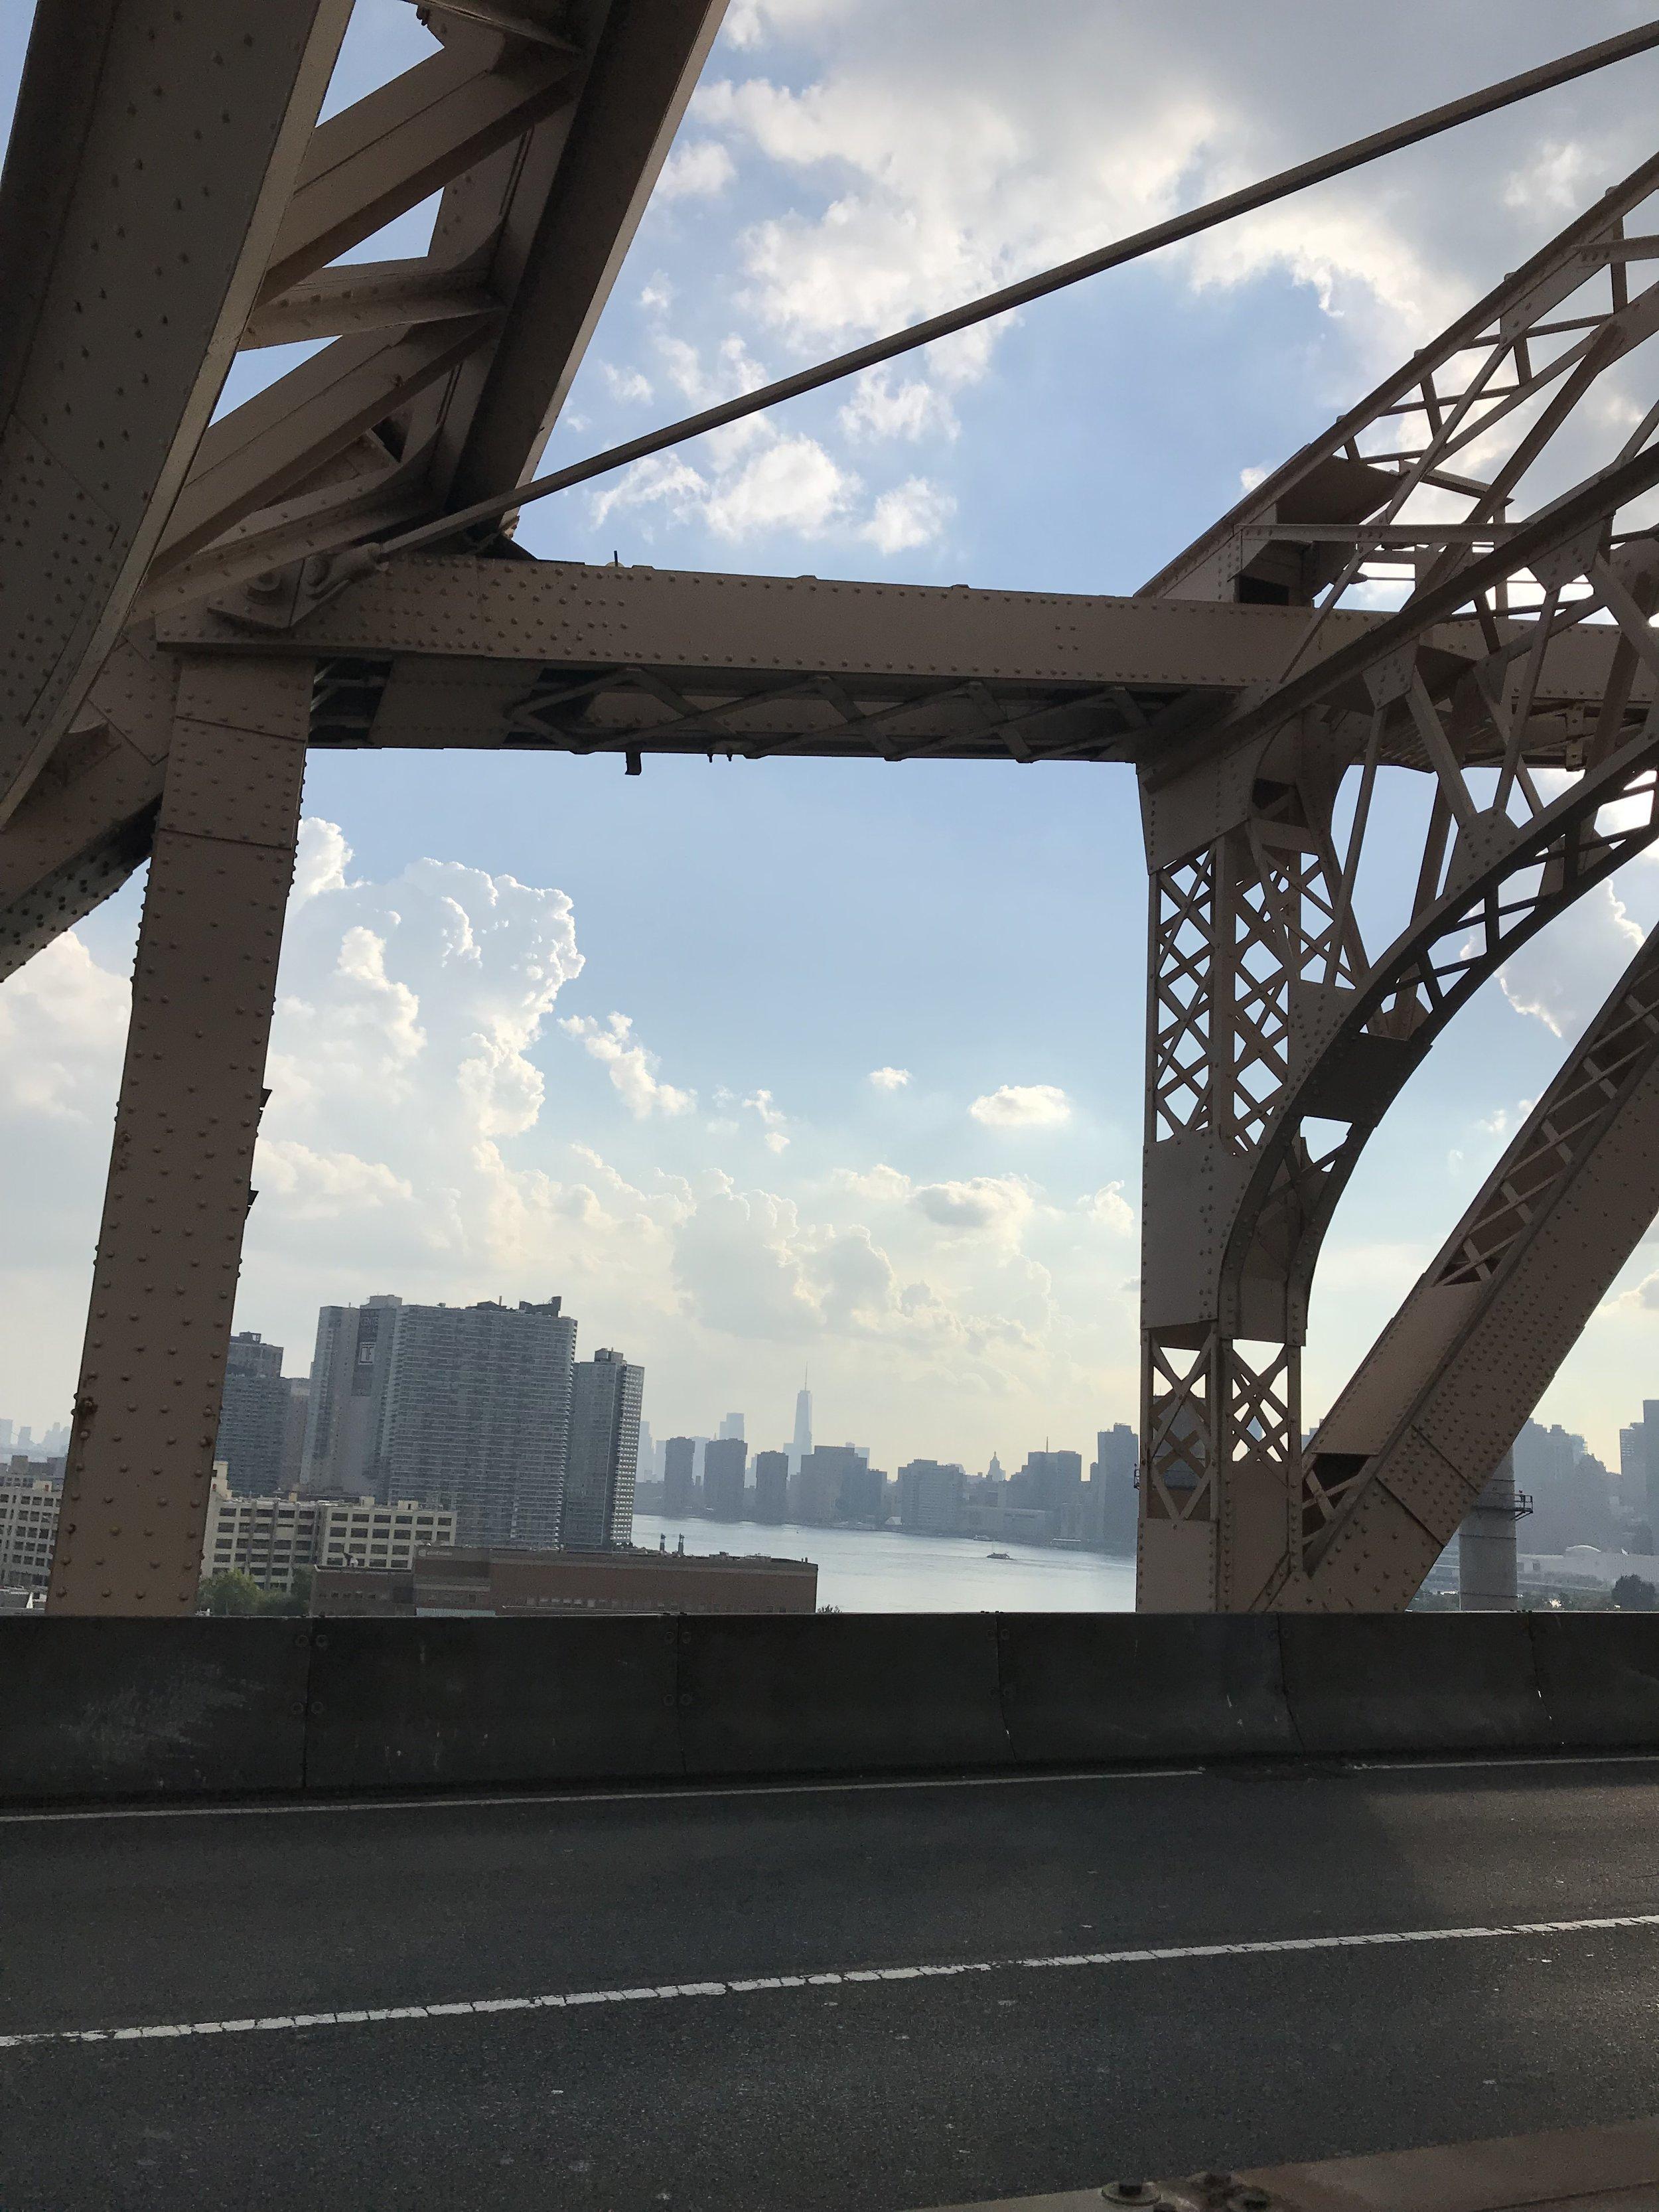 Bre Sheppard - My First NYFW - Hi NYC.jpg